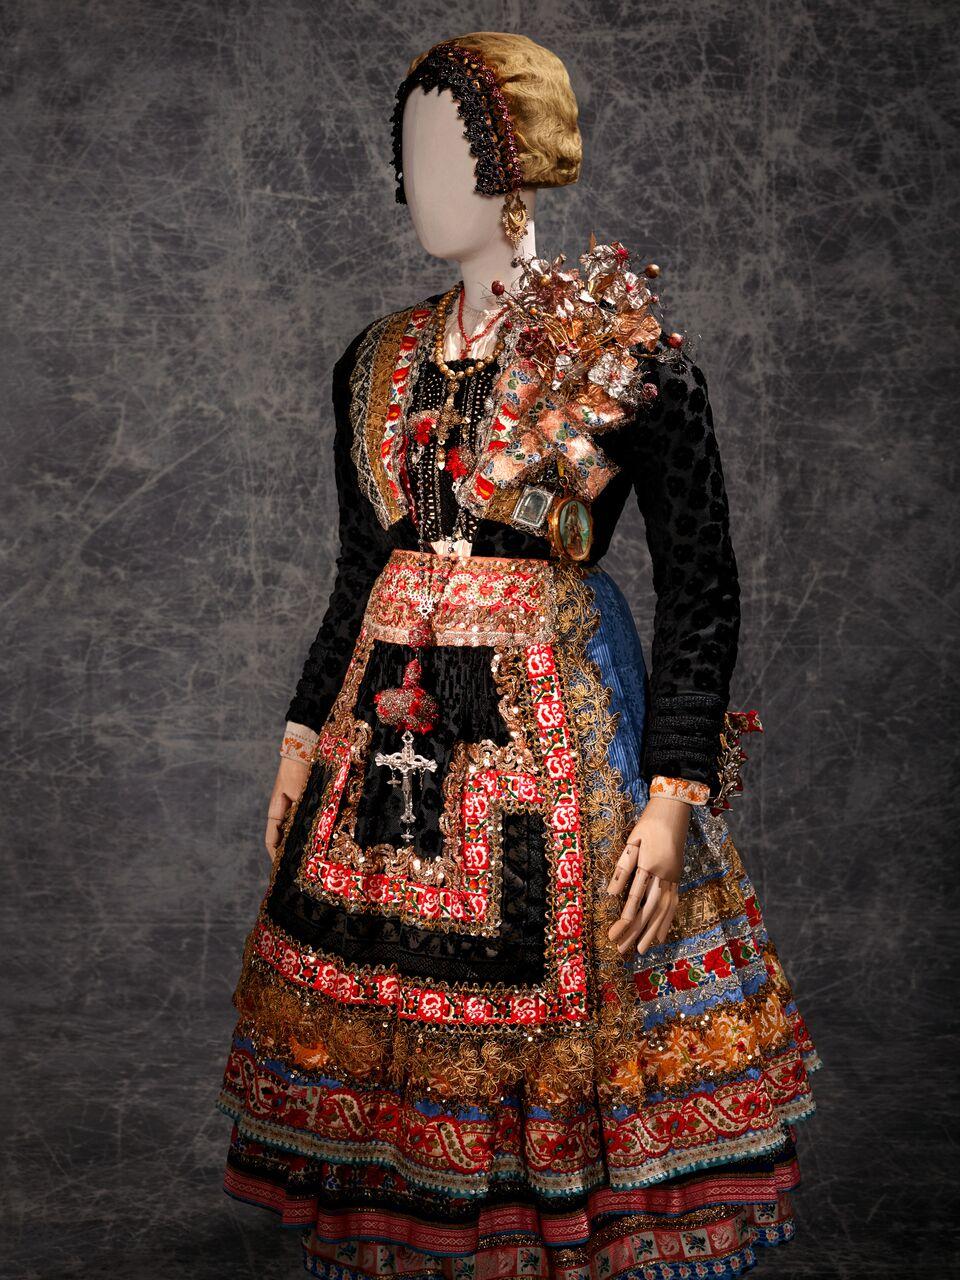 b39c74146b85 El Museo del Traje de Madrid ofrece una nueva mirada a la ...